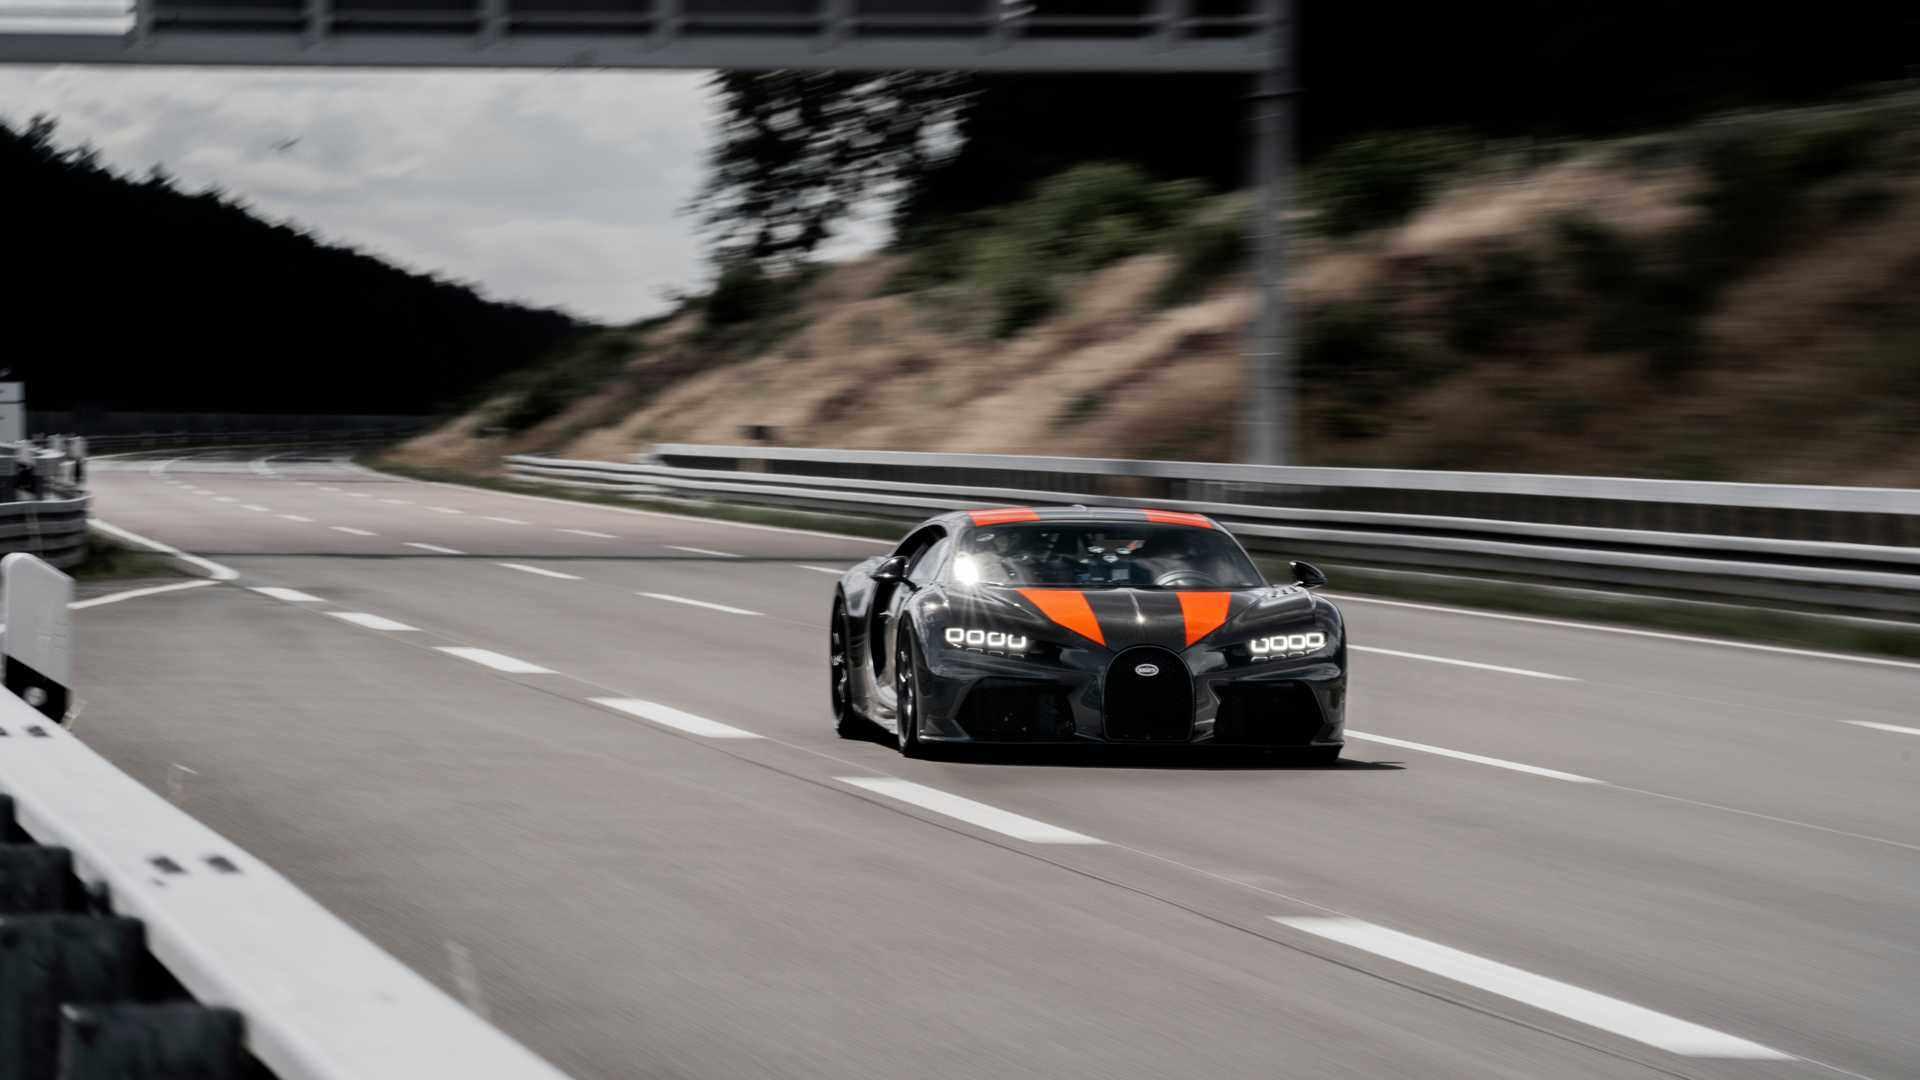 اسرع-سيارة-في-العالم-بوقاتي-شيرون-سبورت